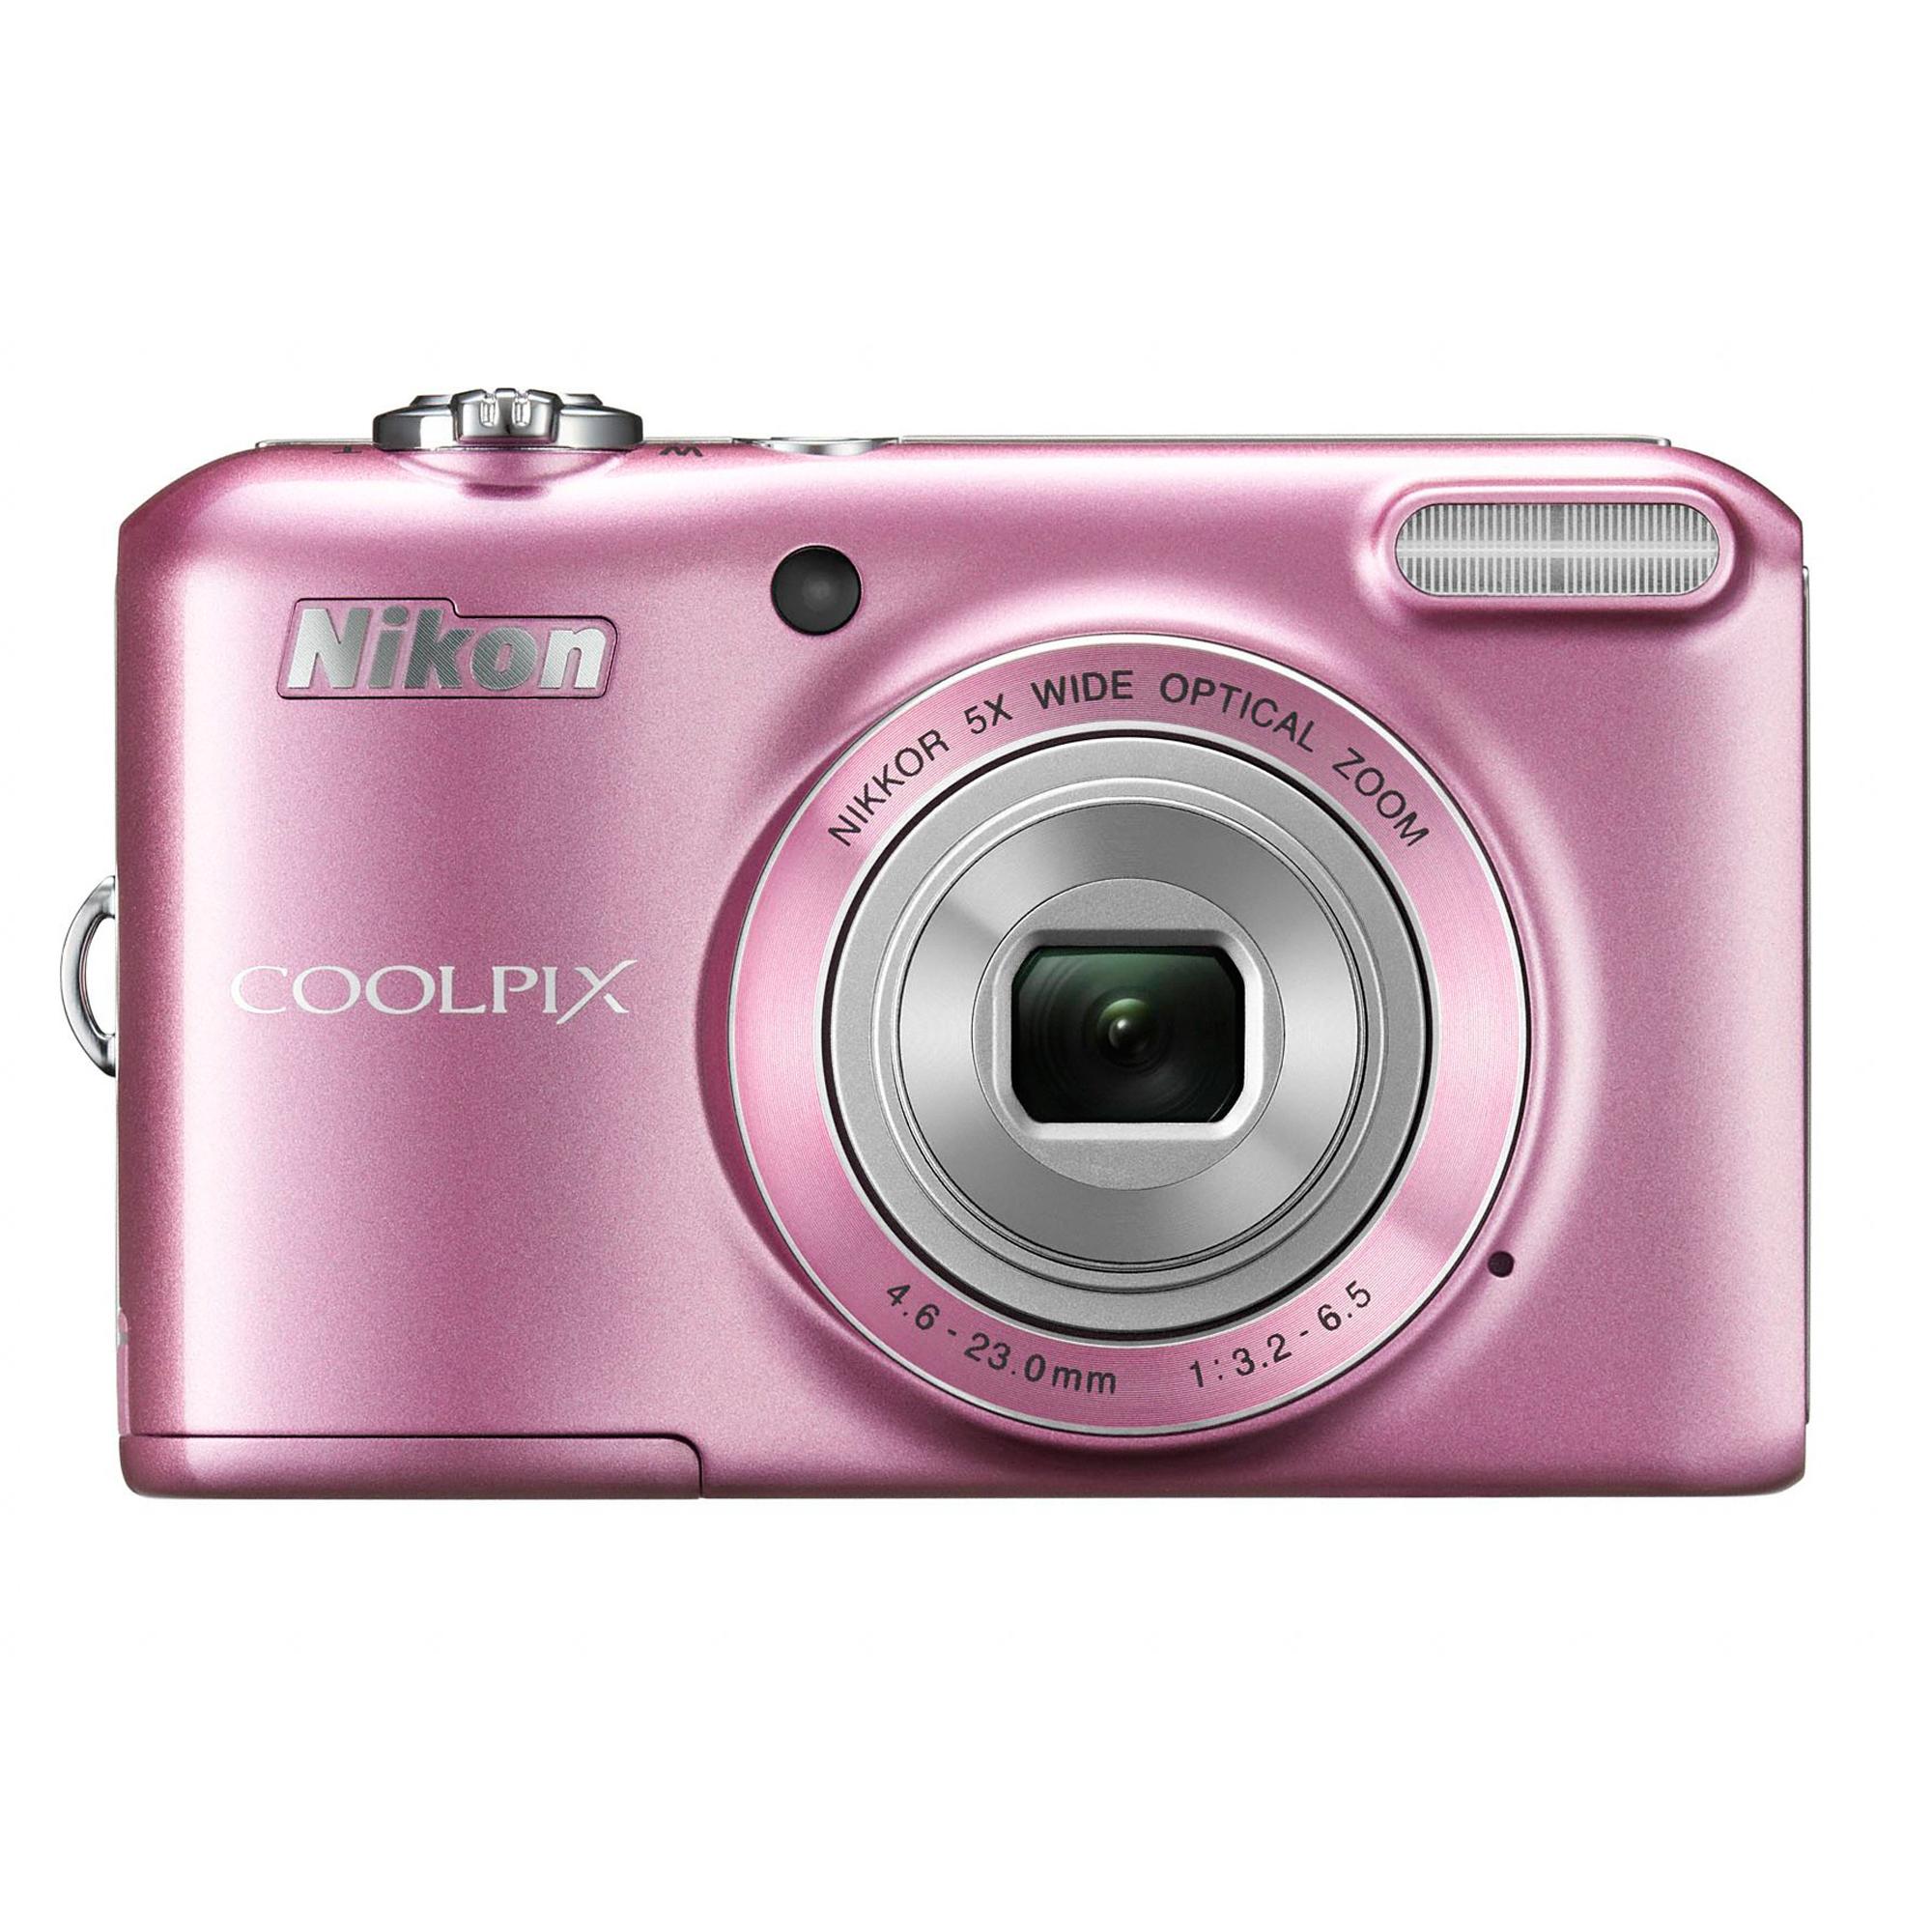 Nikon Coolpix L28 Pink Digital Camera - Digital Compact